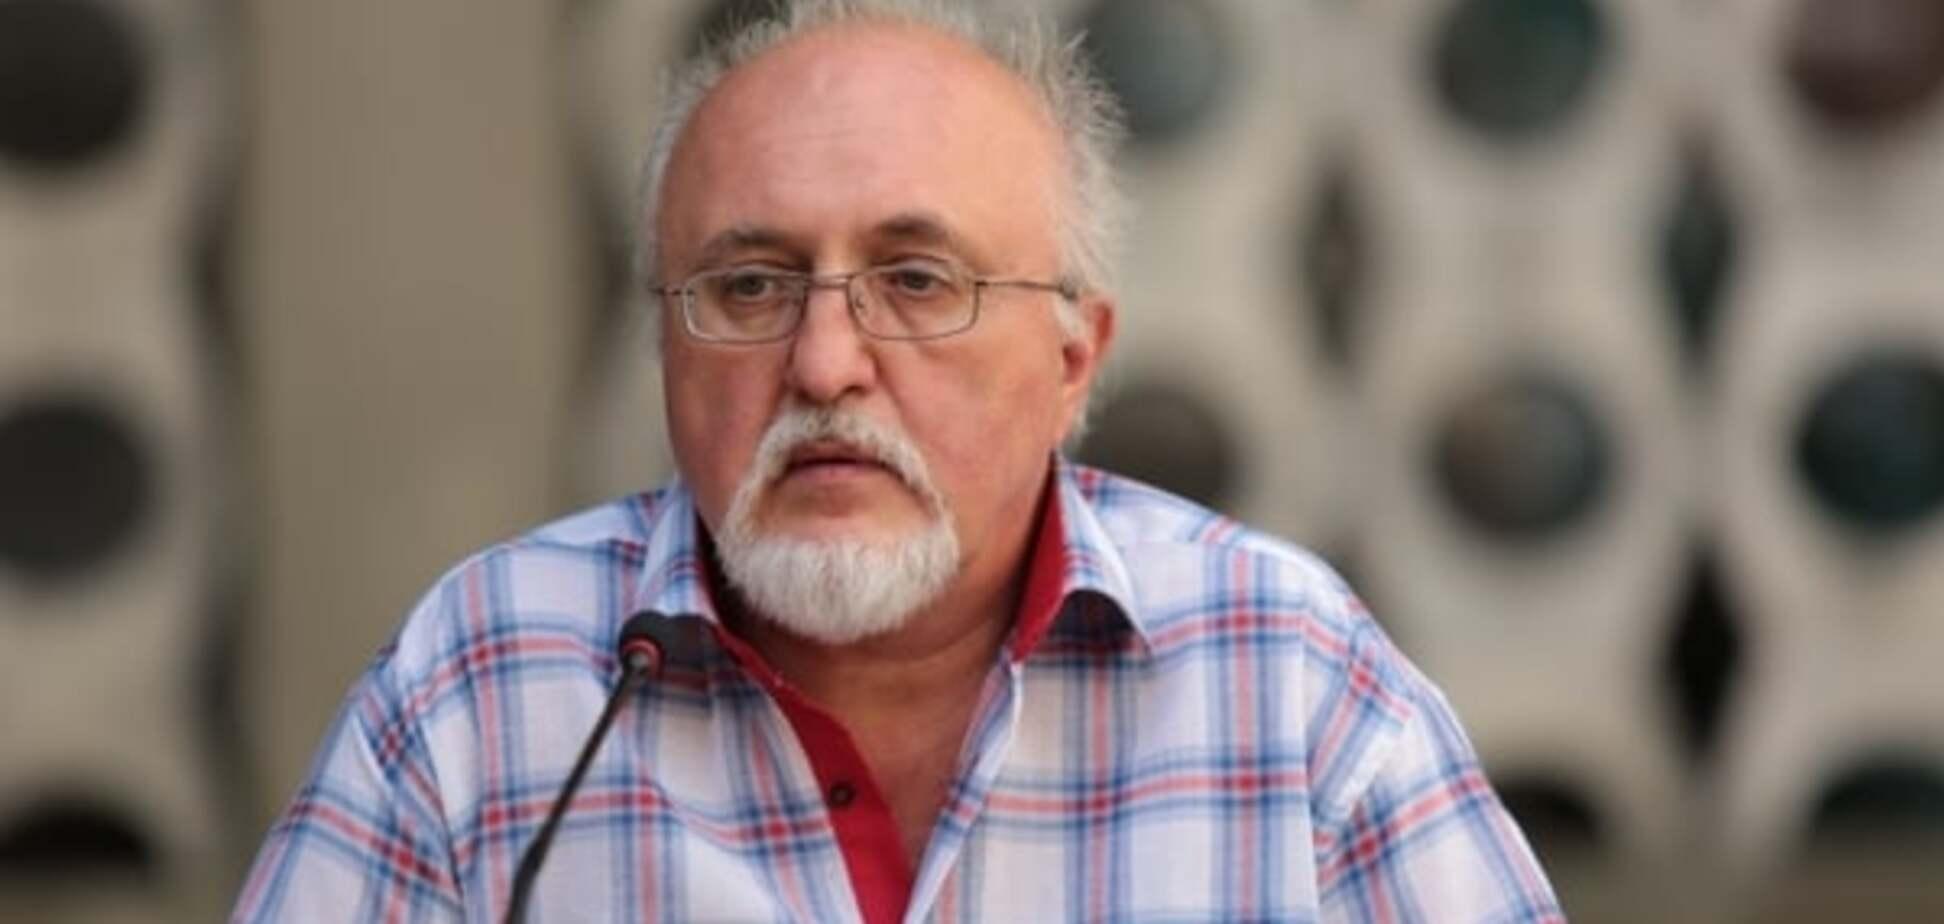 Писатель Винничук рассказал о книге Нобелевского лауреата Алексиевич